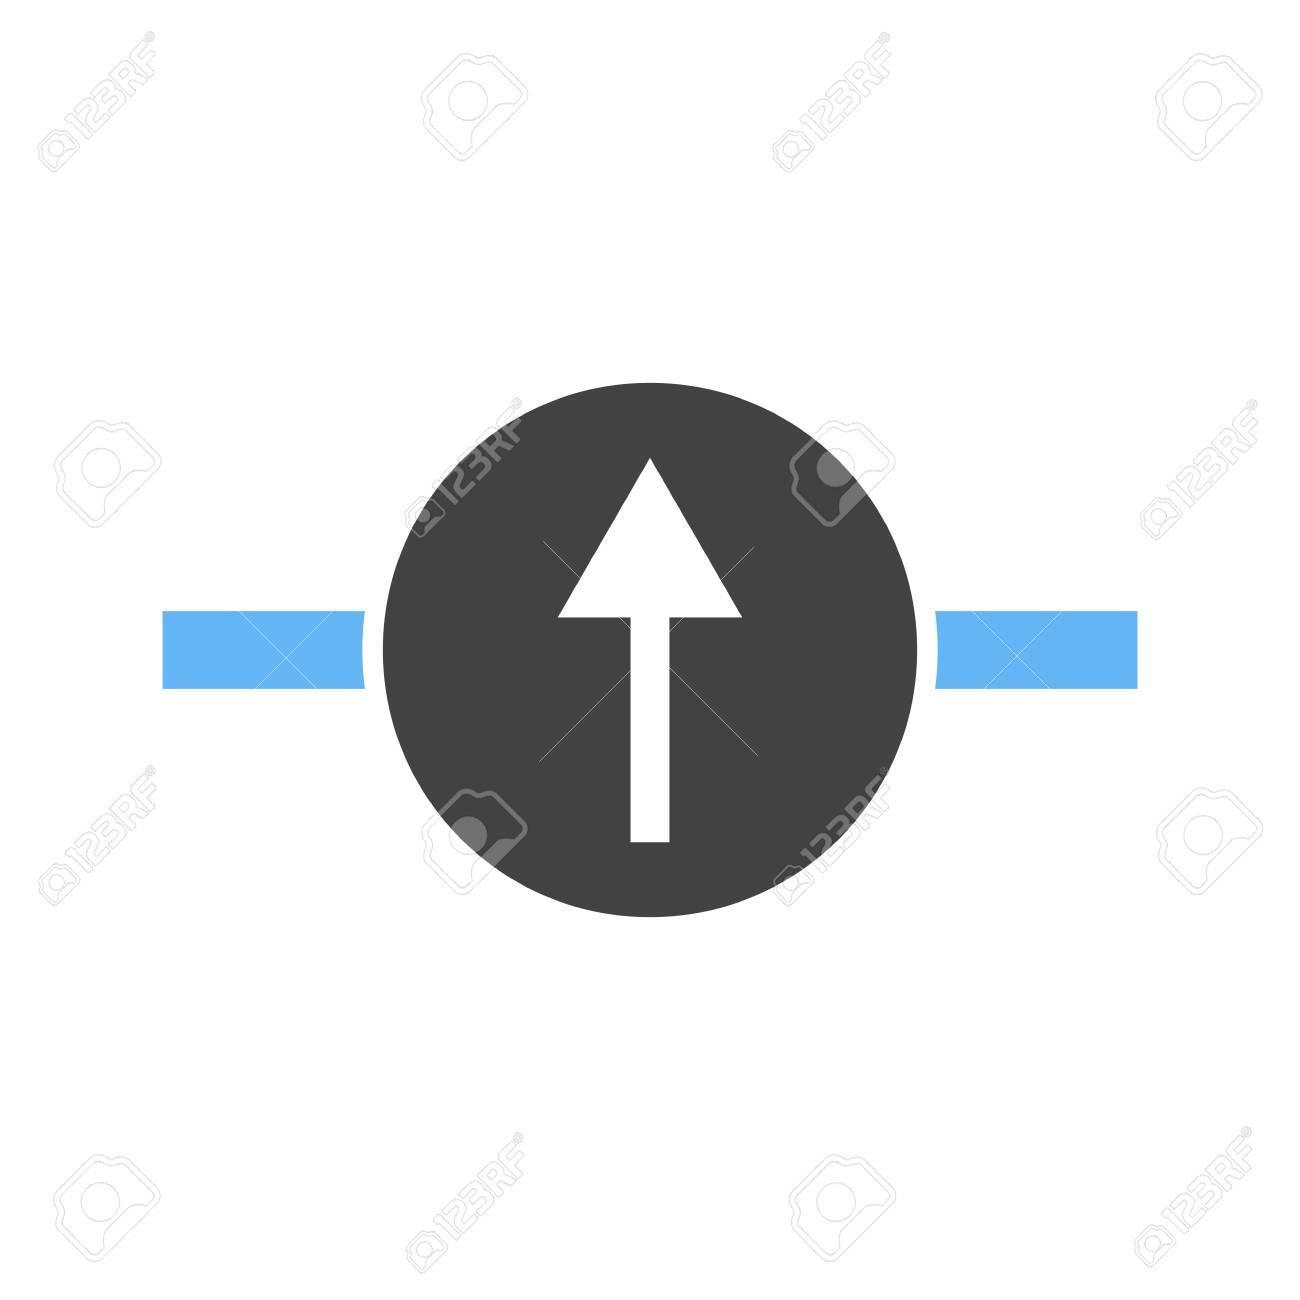 Galvanometer, Wissenschaft, Elektrische Symbol Vektor-Bild. Kann ...